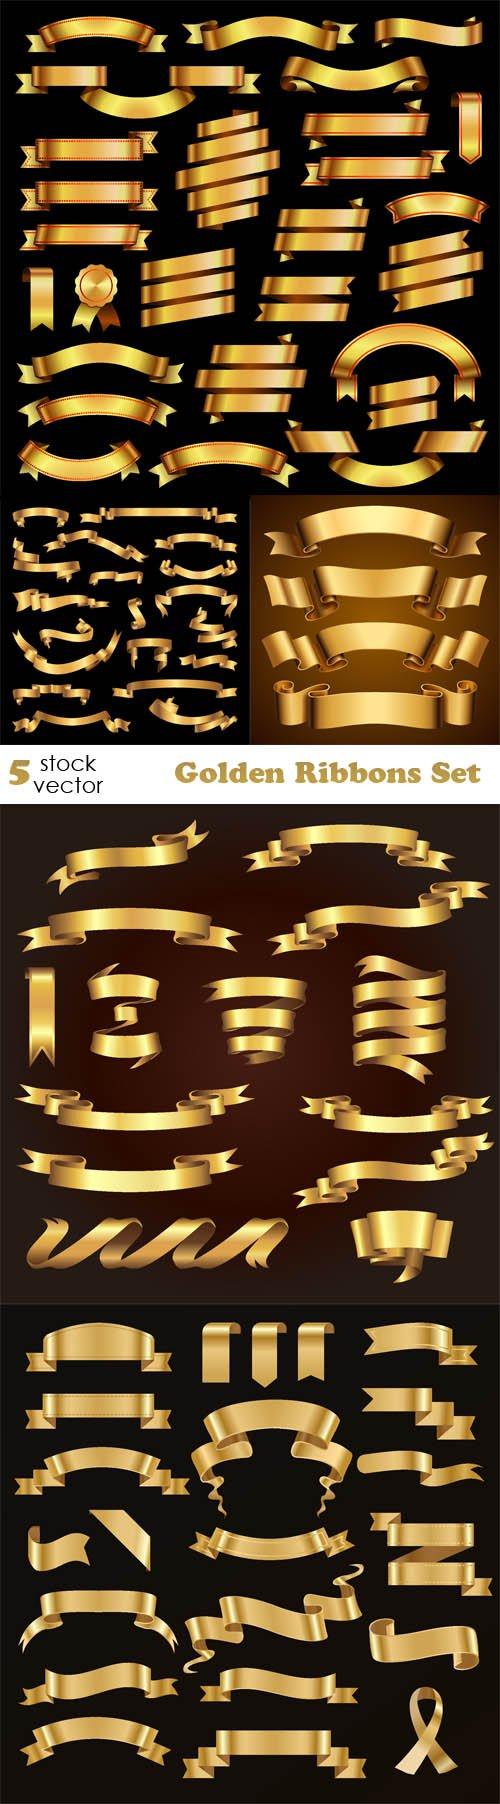 Vectors - Golden Ribbons Set